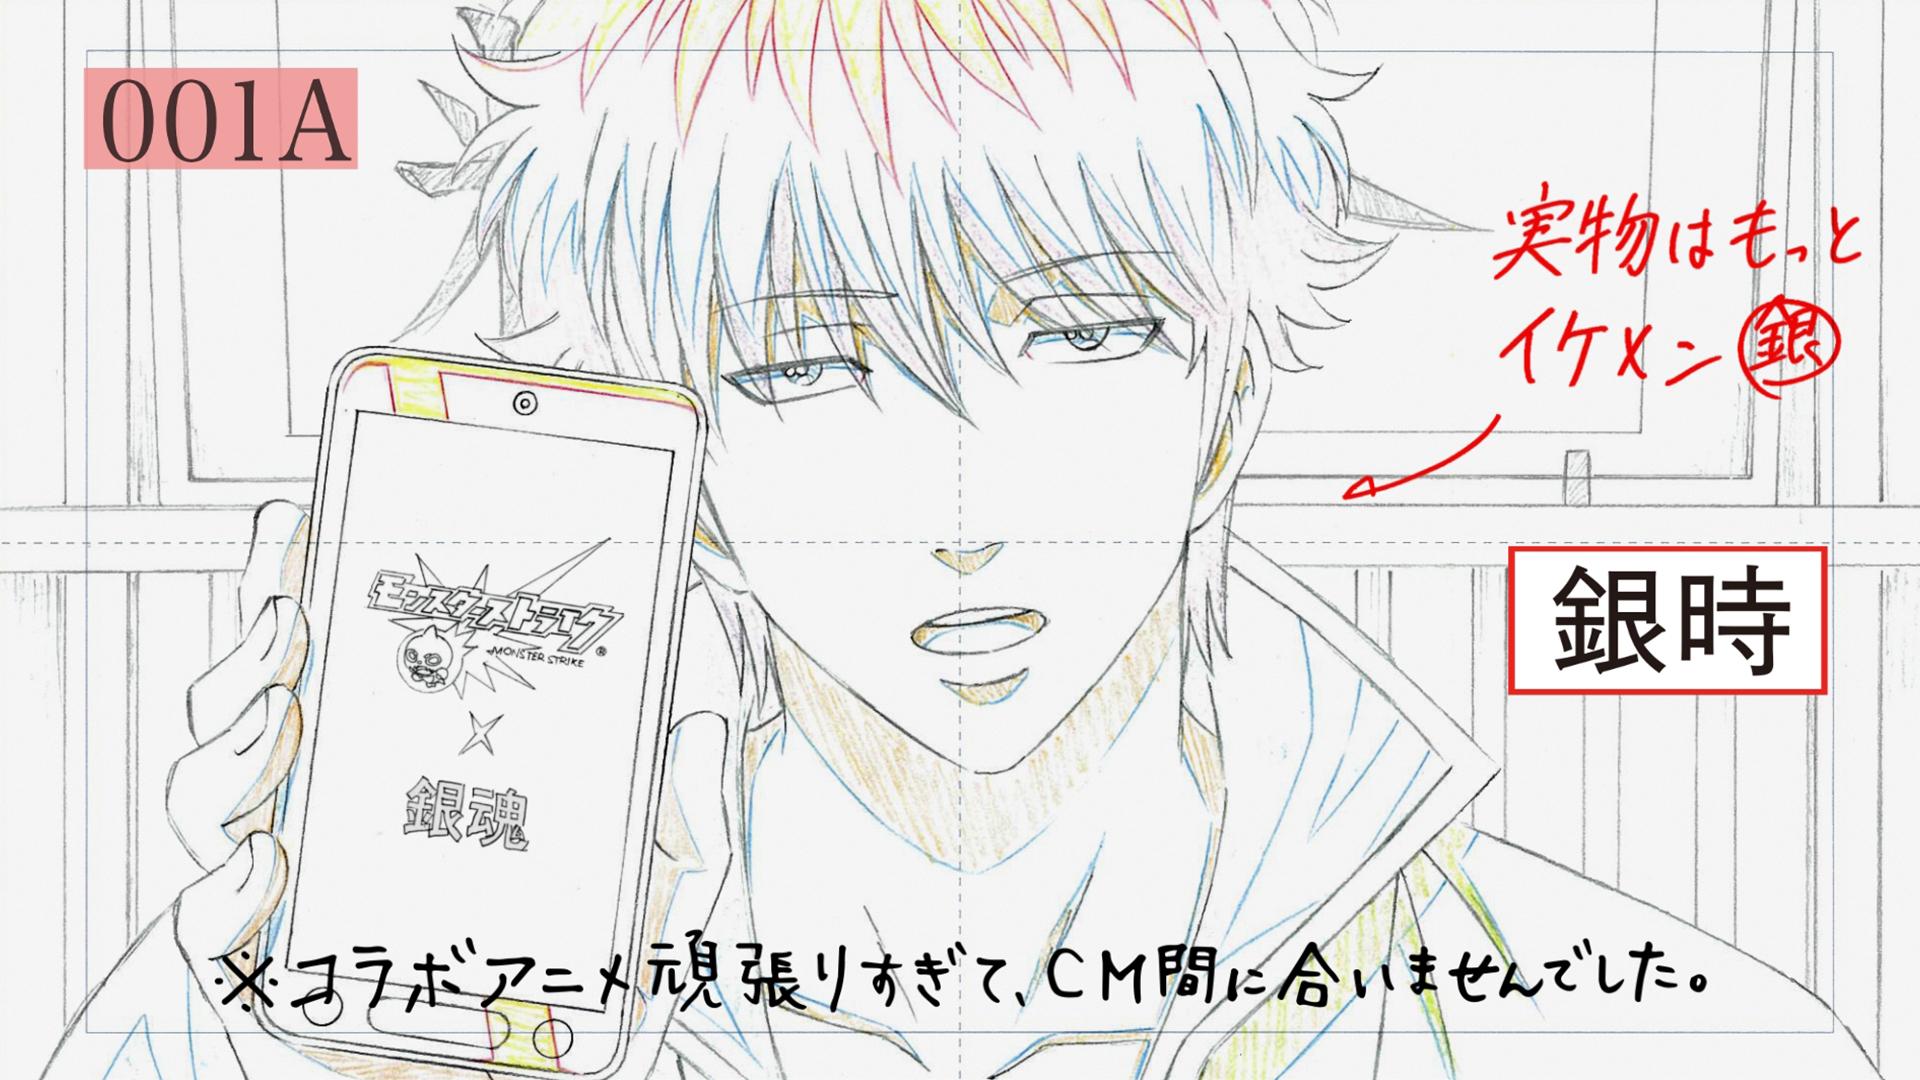 """【「銀魂」×「モンスト」""""未完成""""CM放送開始】他、新着トレンド9月3日"""